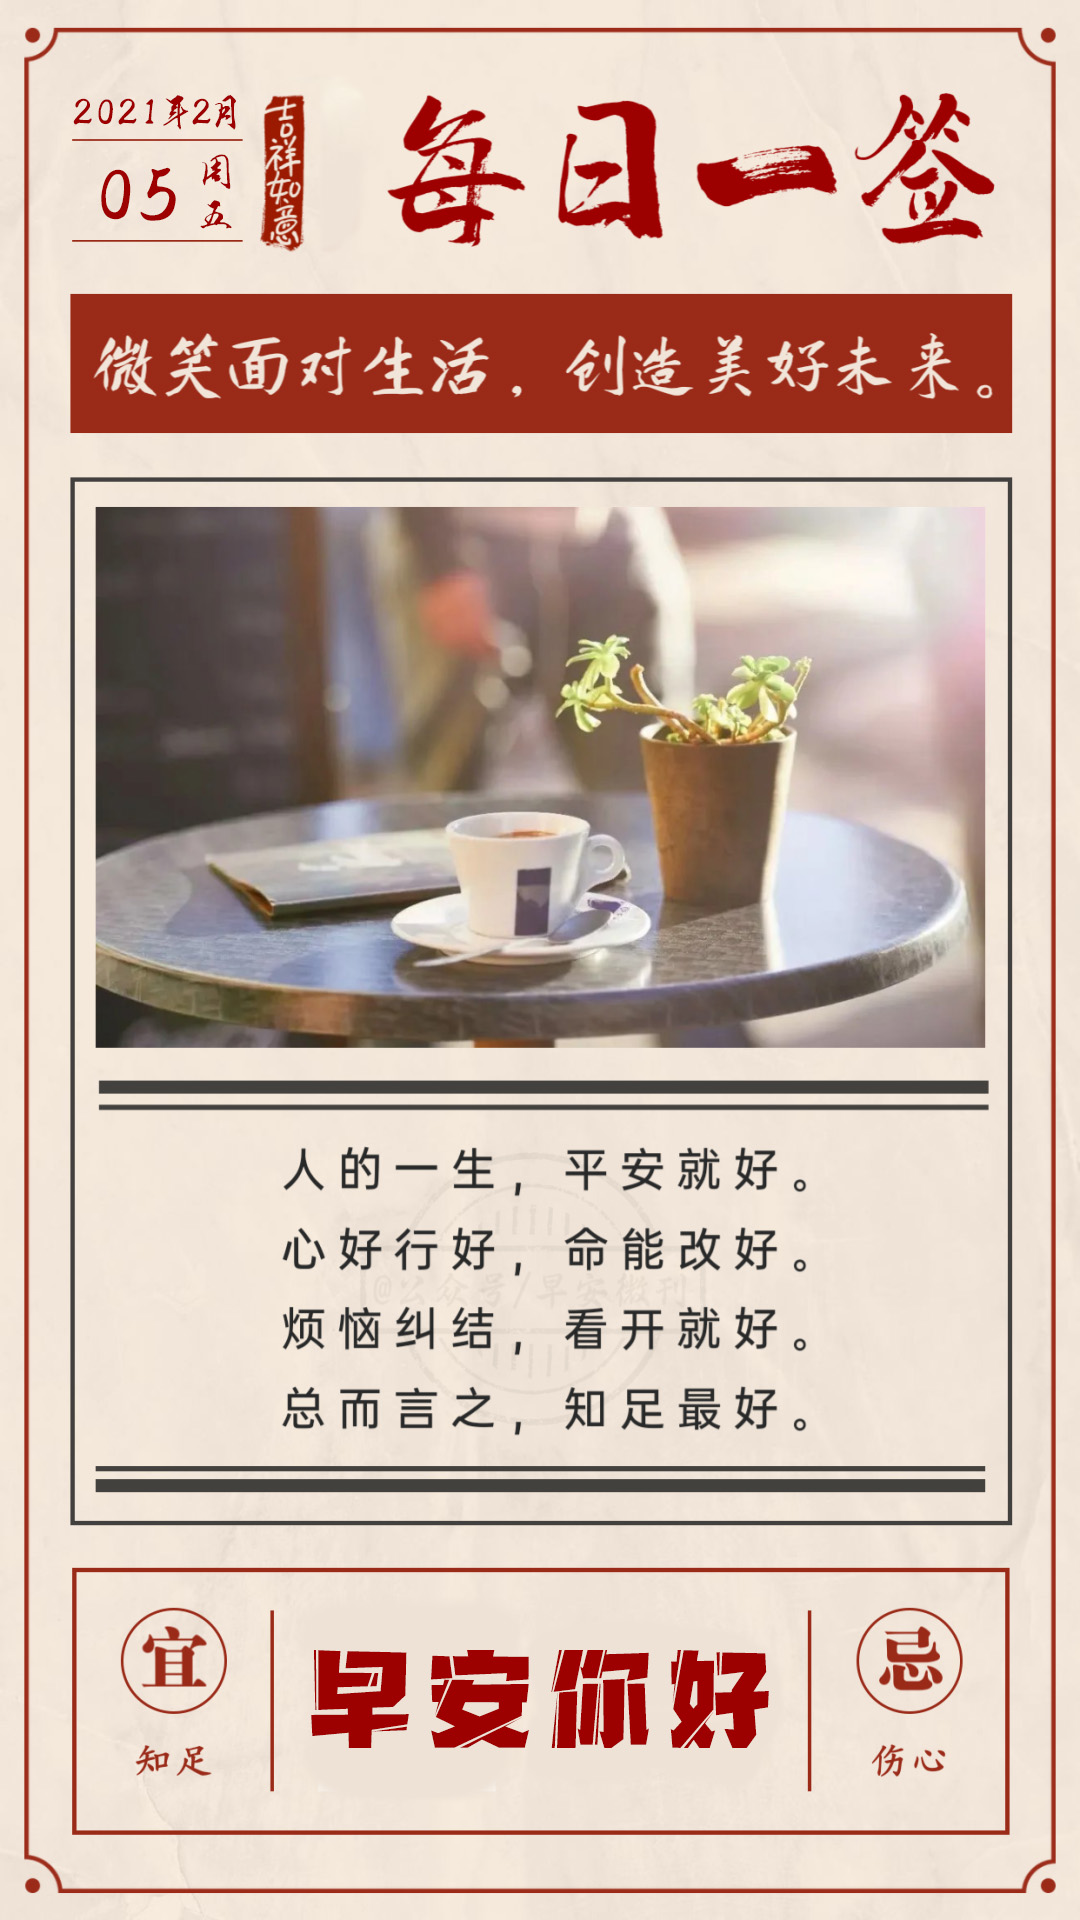 2月5日早安日签图片带字,早安励志说说